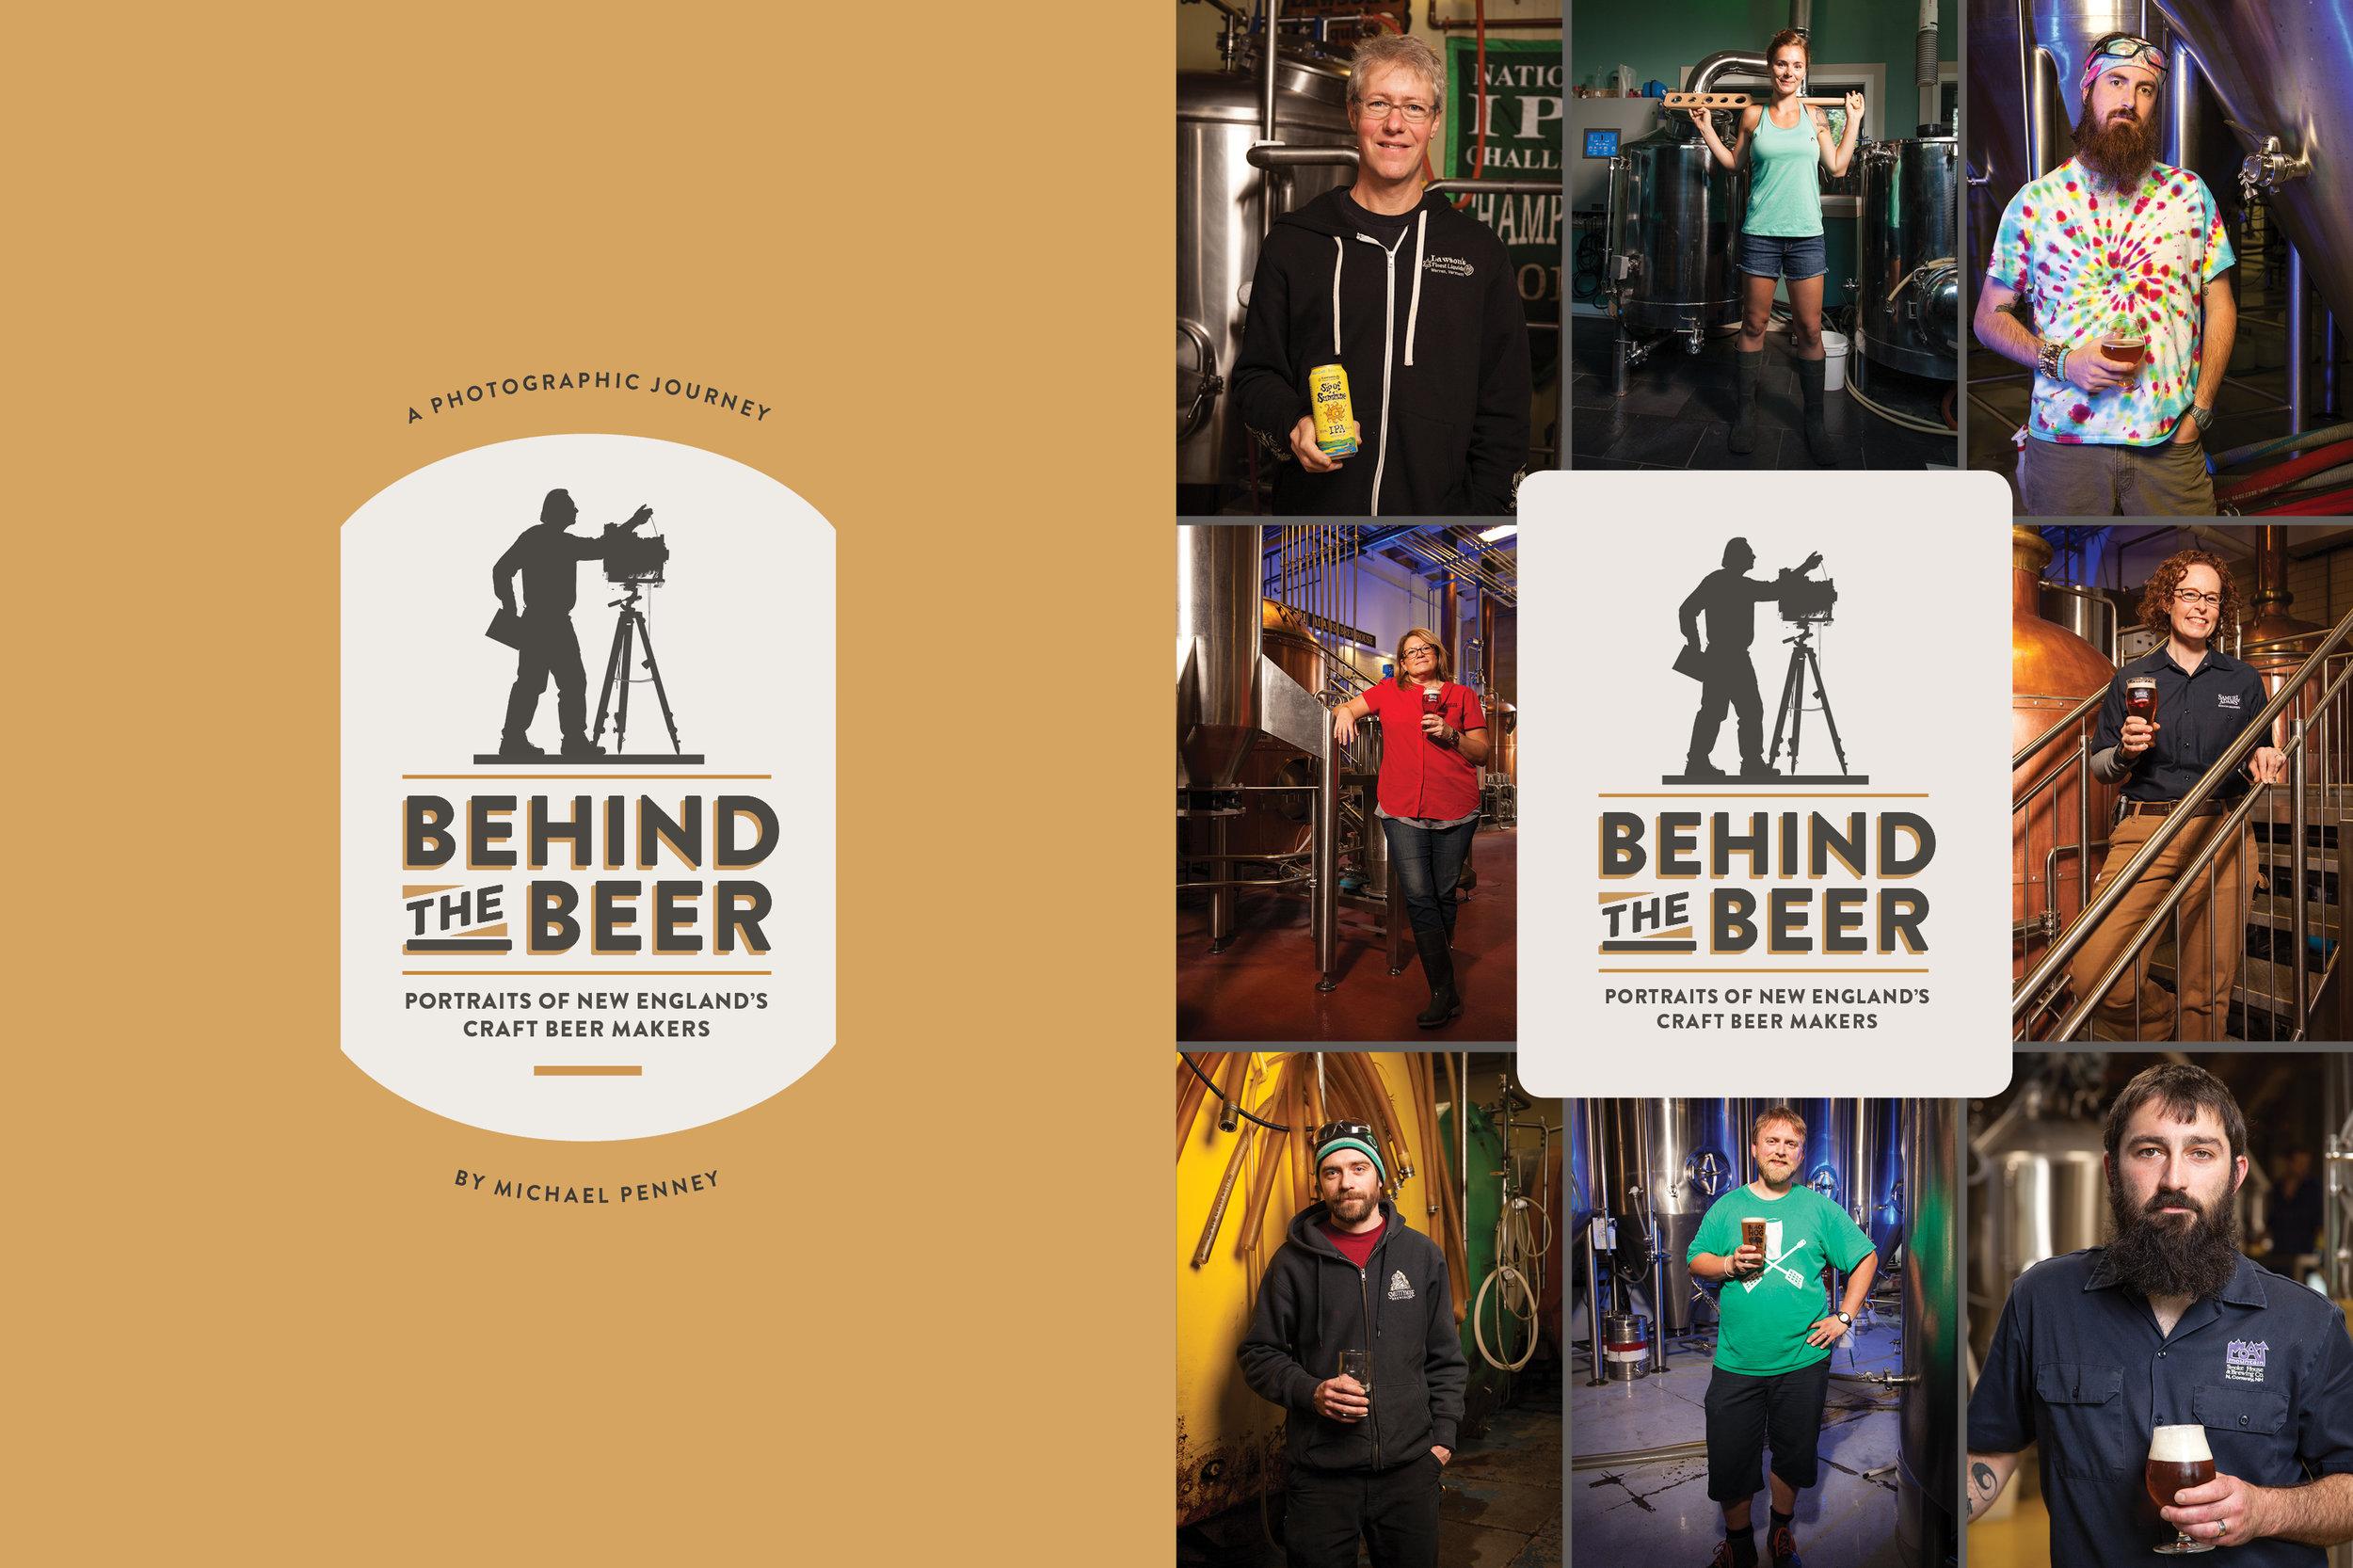 behind-the-beer.jpg